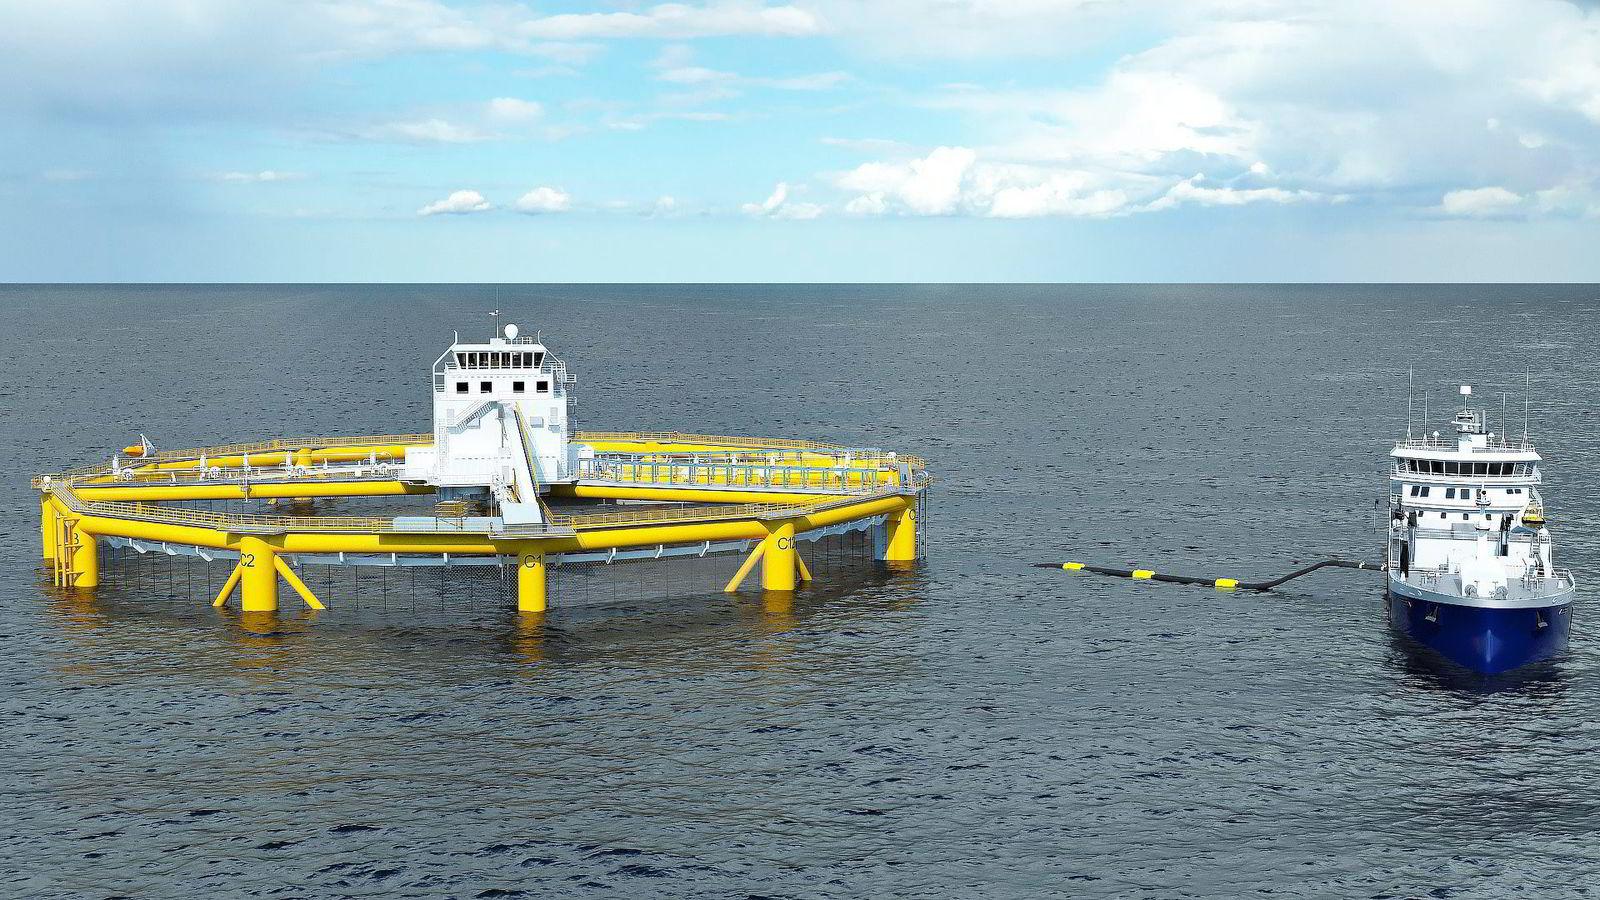 Havmerden til Salmar blir 65 meter høy og 110 meter bred og får plass til 1,6 millioner laks. Illustrasjon: Salmar